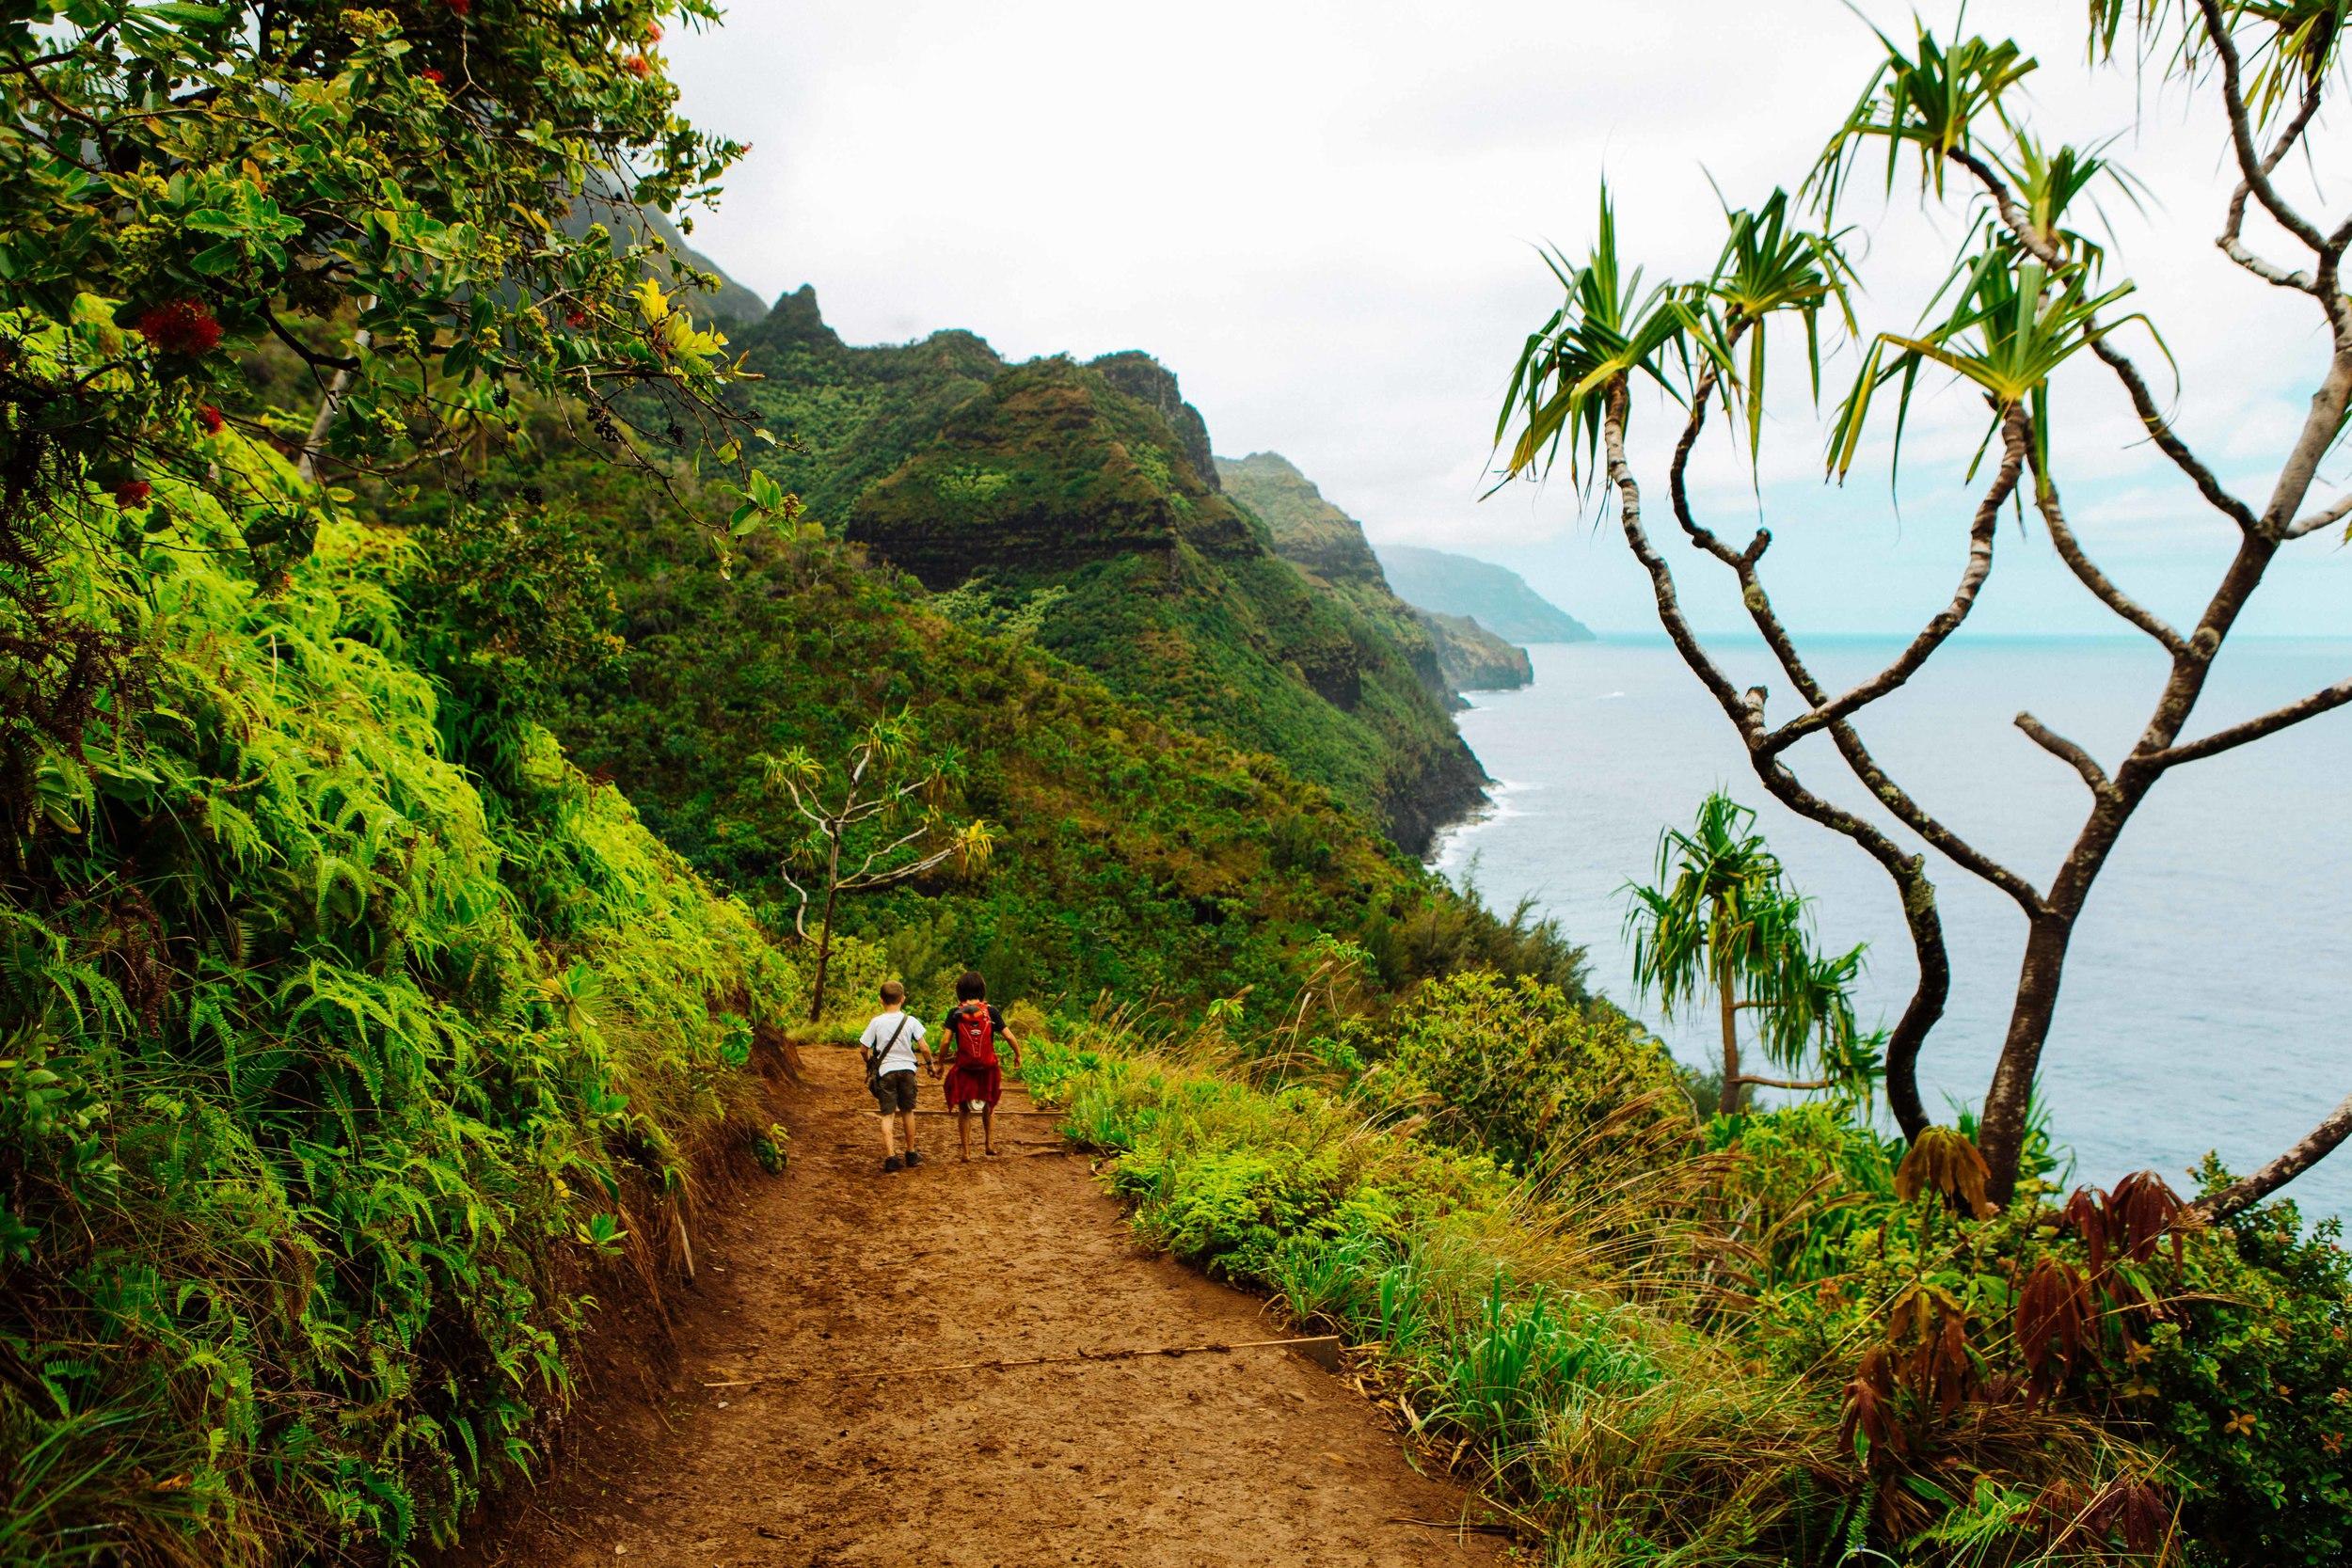 Kauai_day2_-1-2.jpg